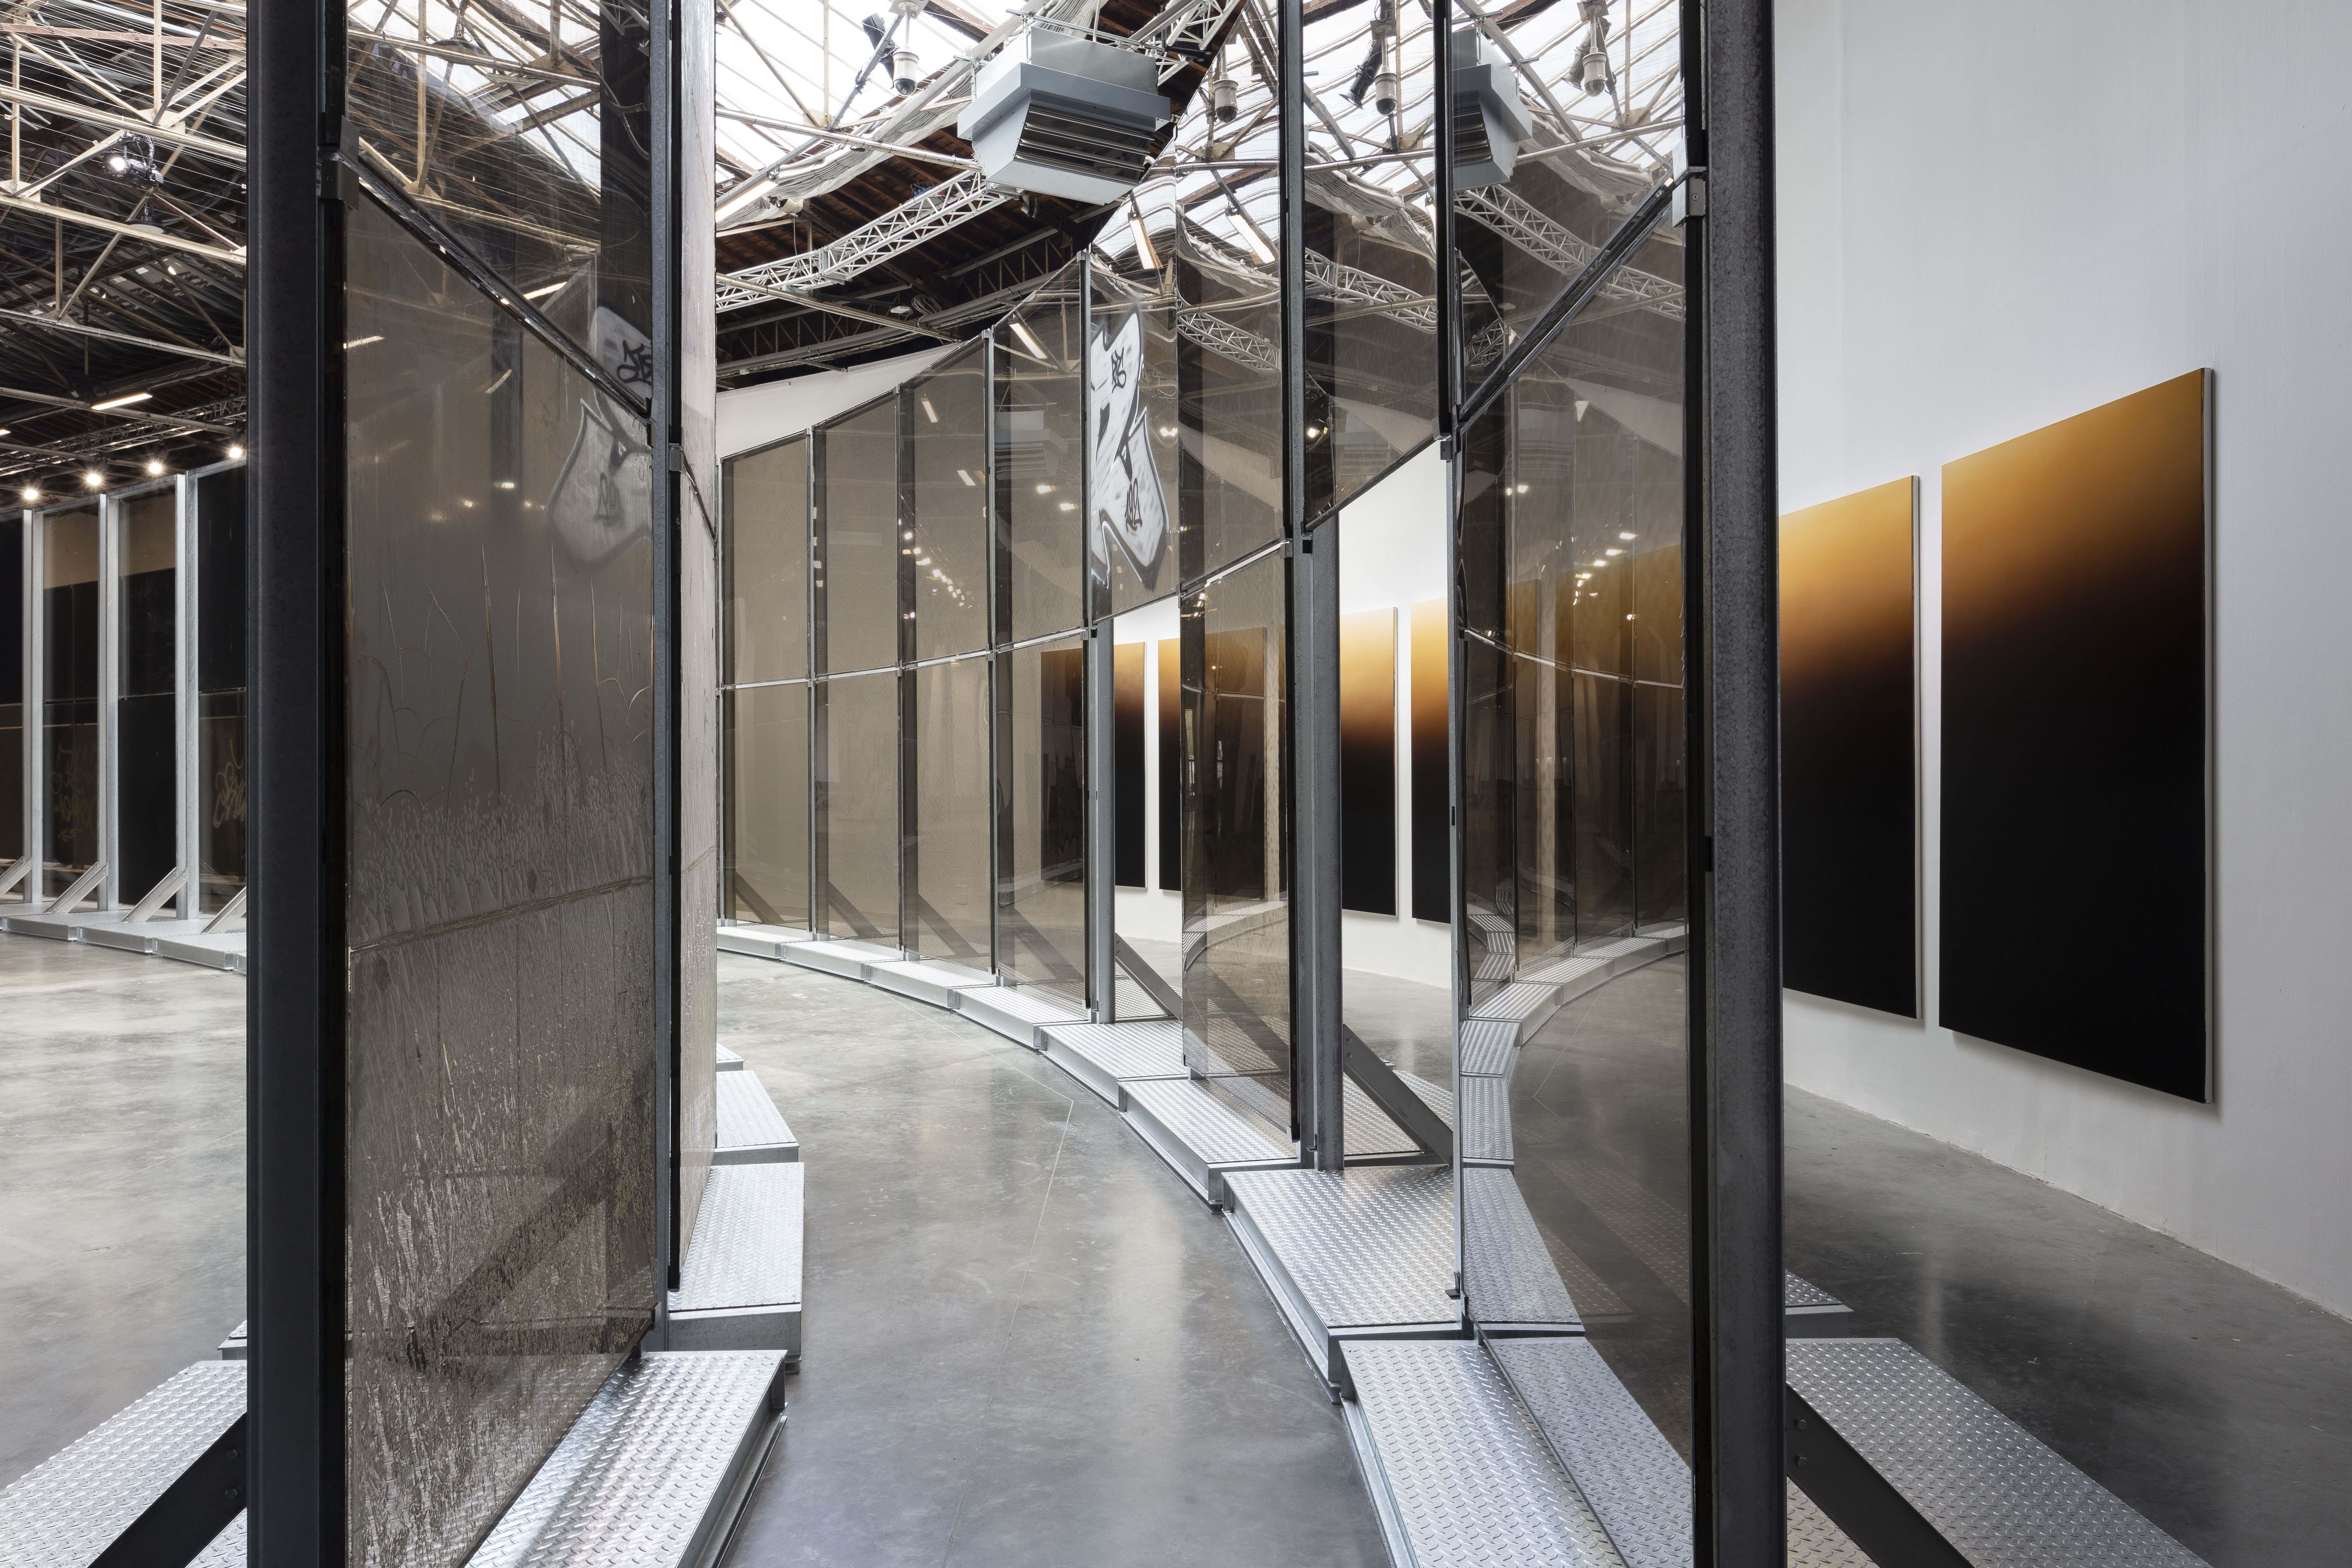 vue de l'exposition Anne Imhof